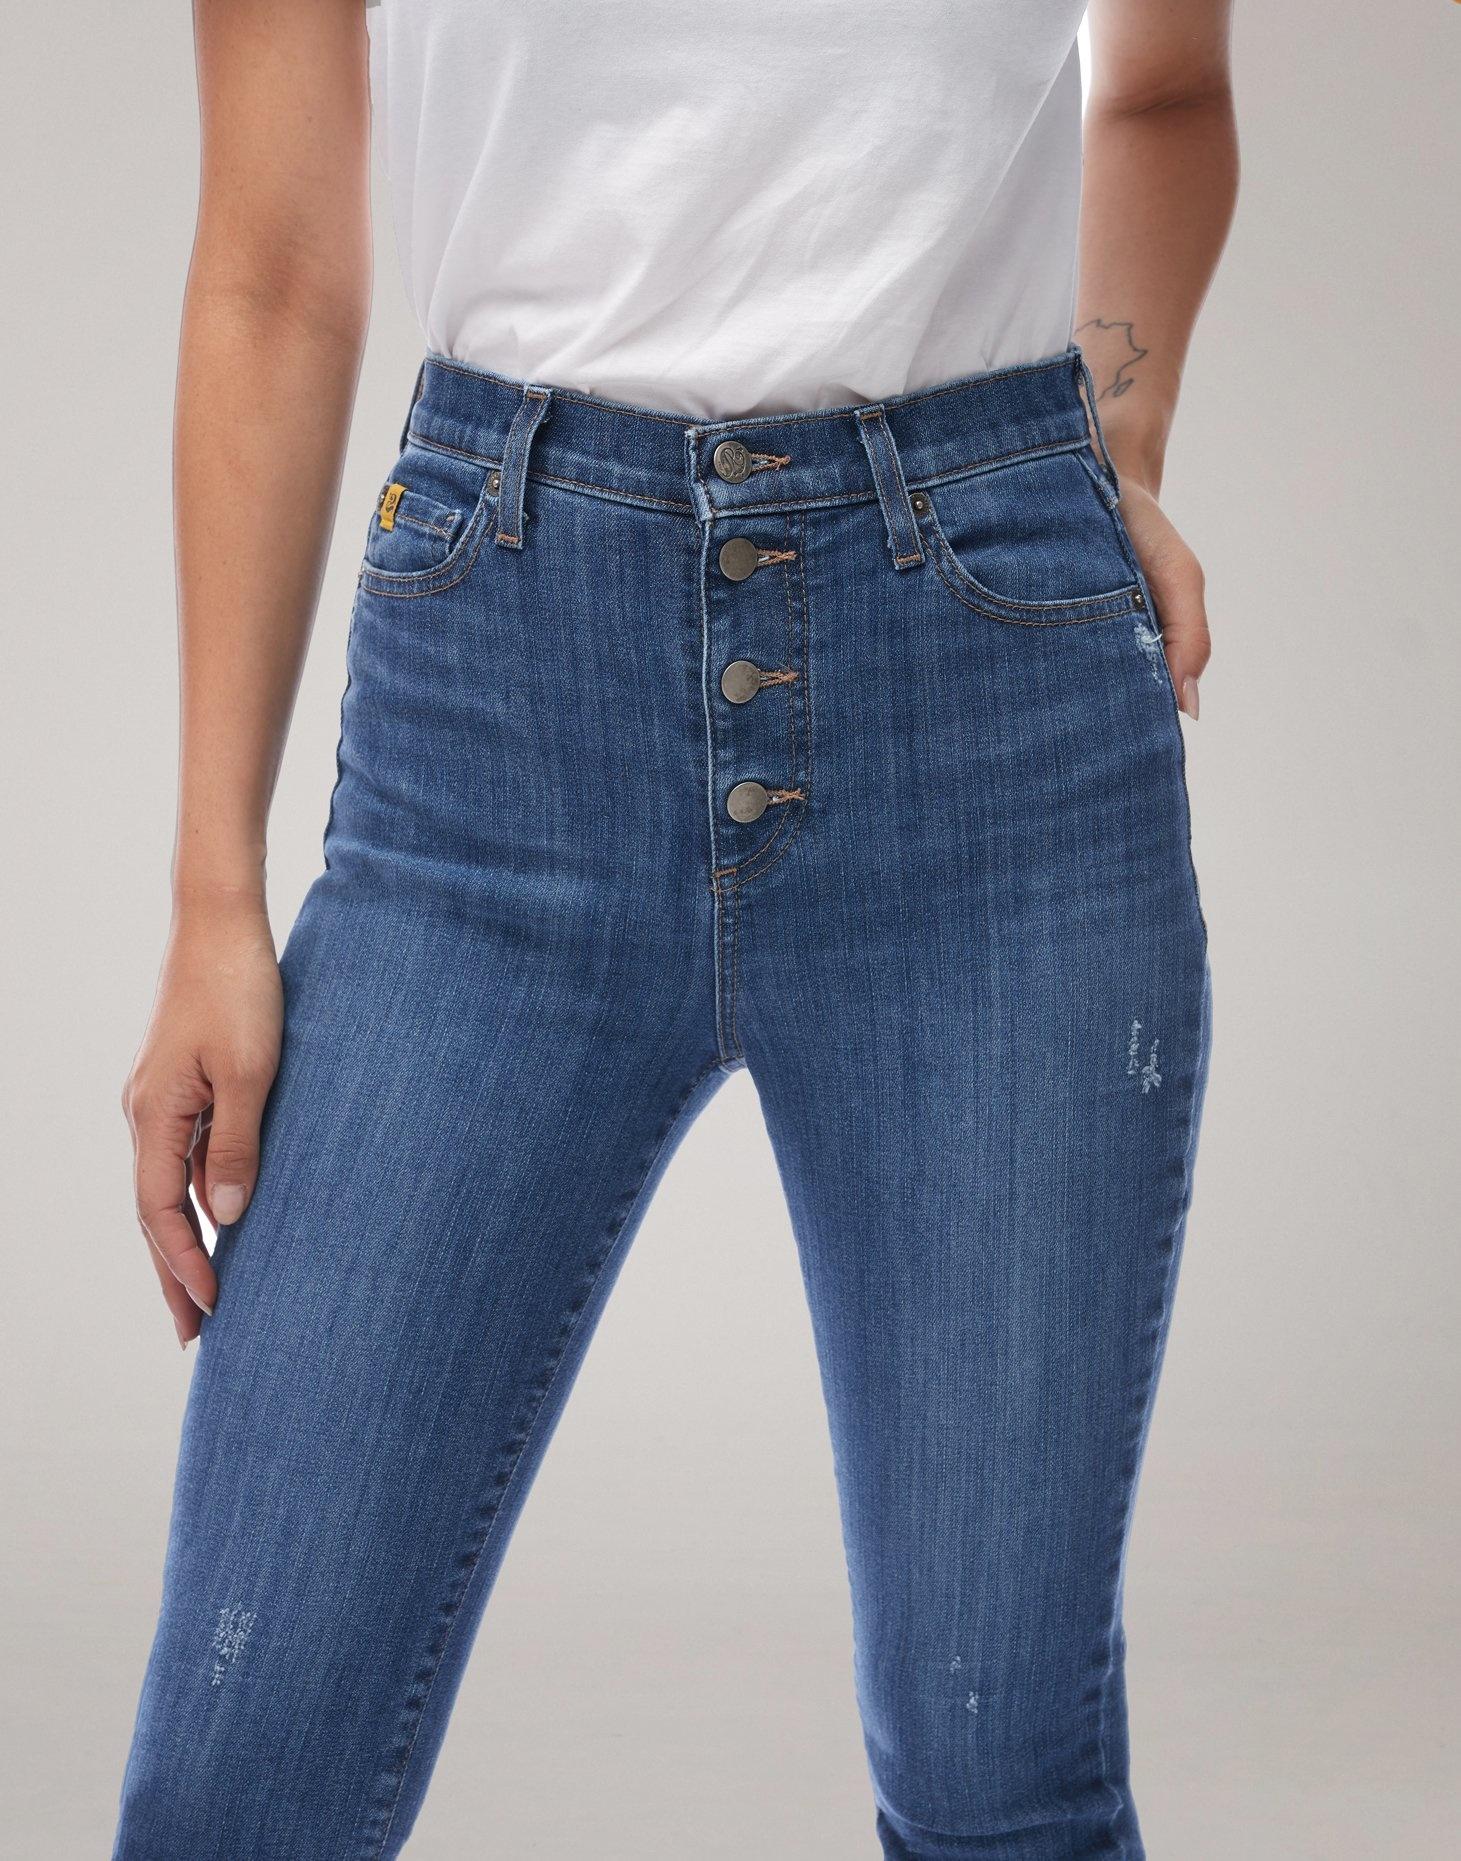 Yoga Jeans JEANS RACHEL COUPE ÉTROITE / SOUTHSIDE